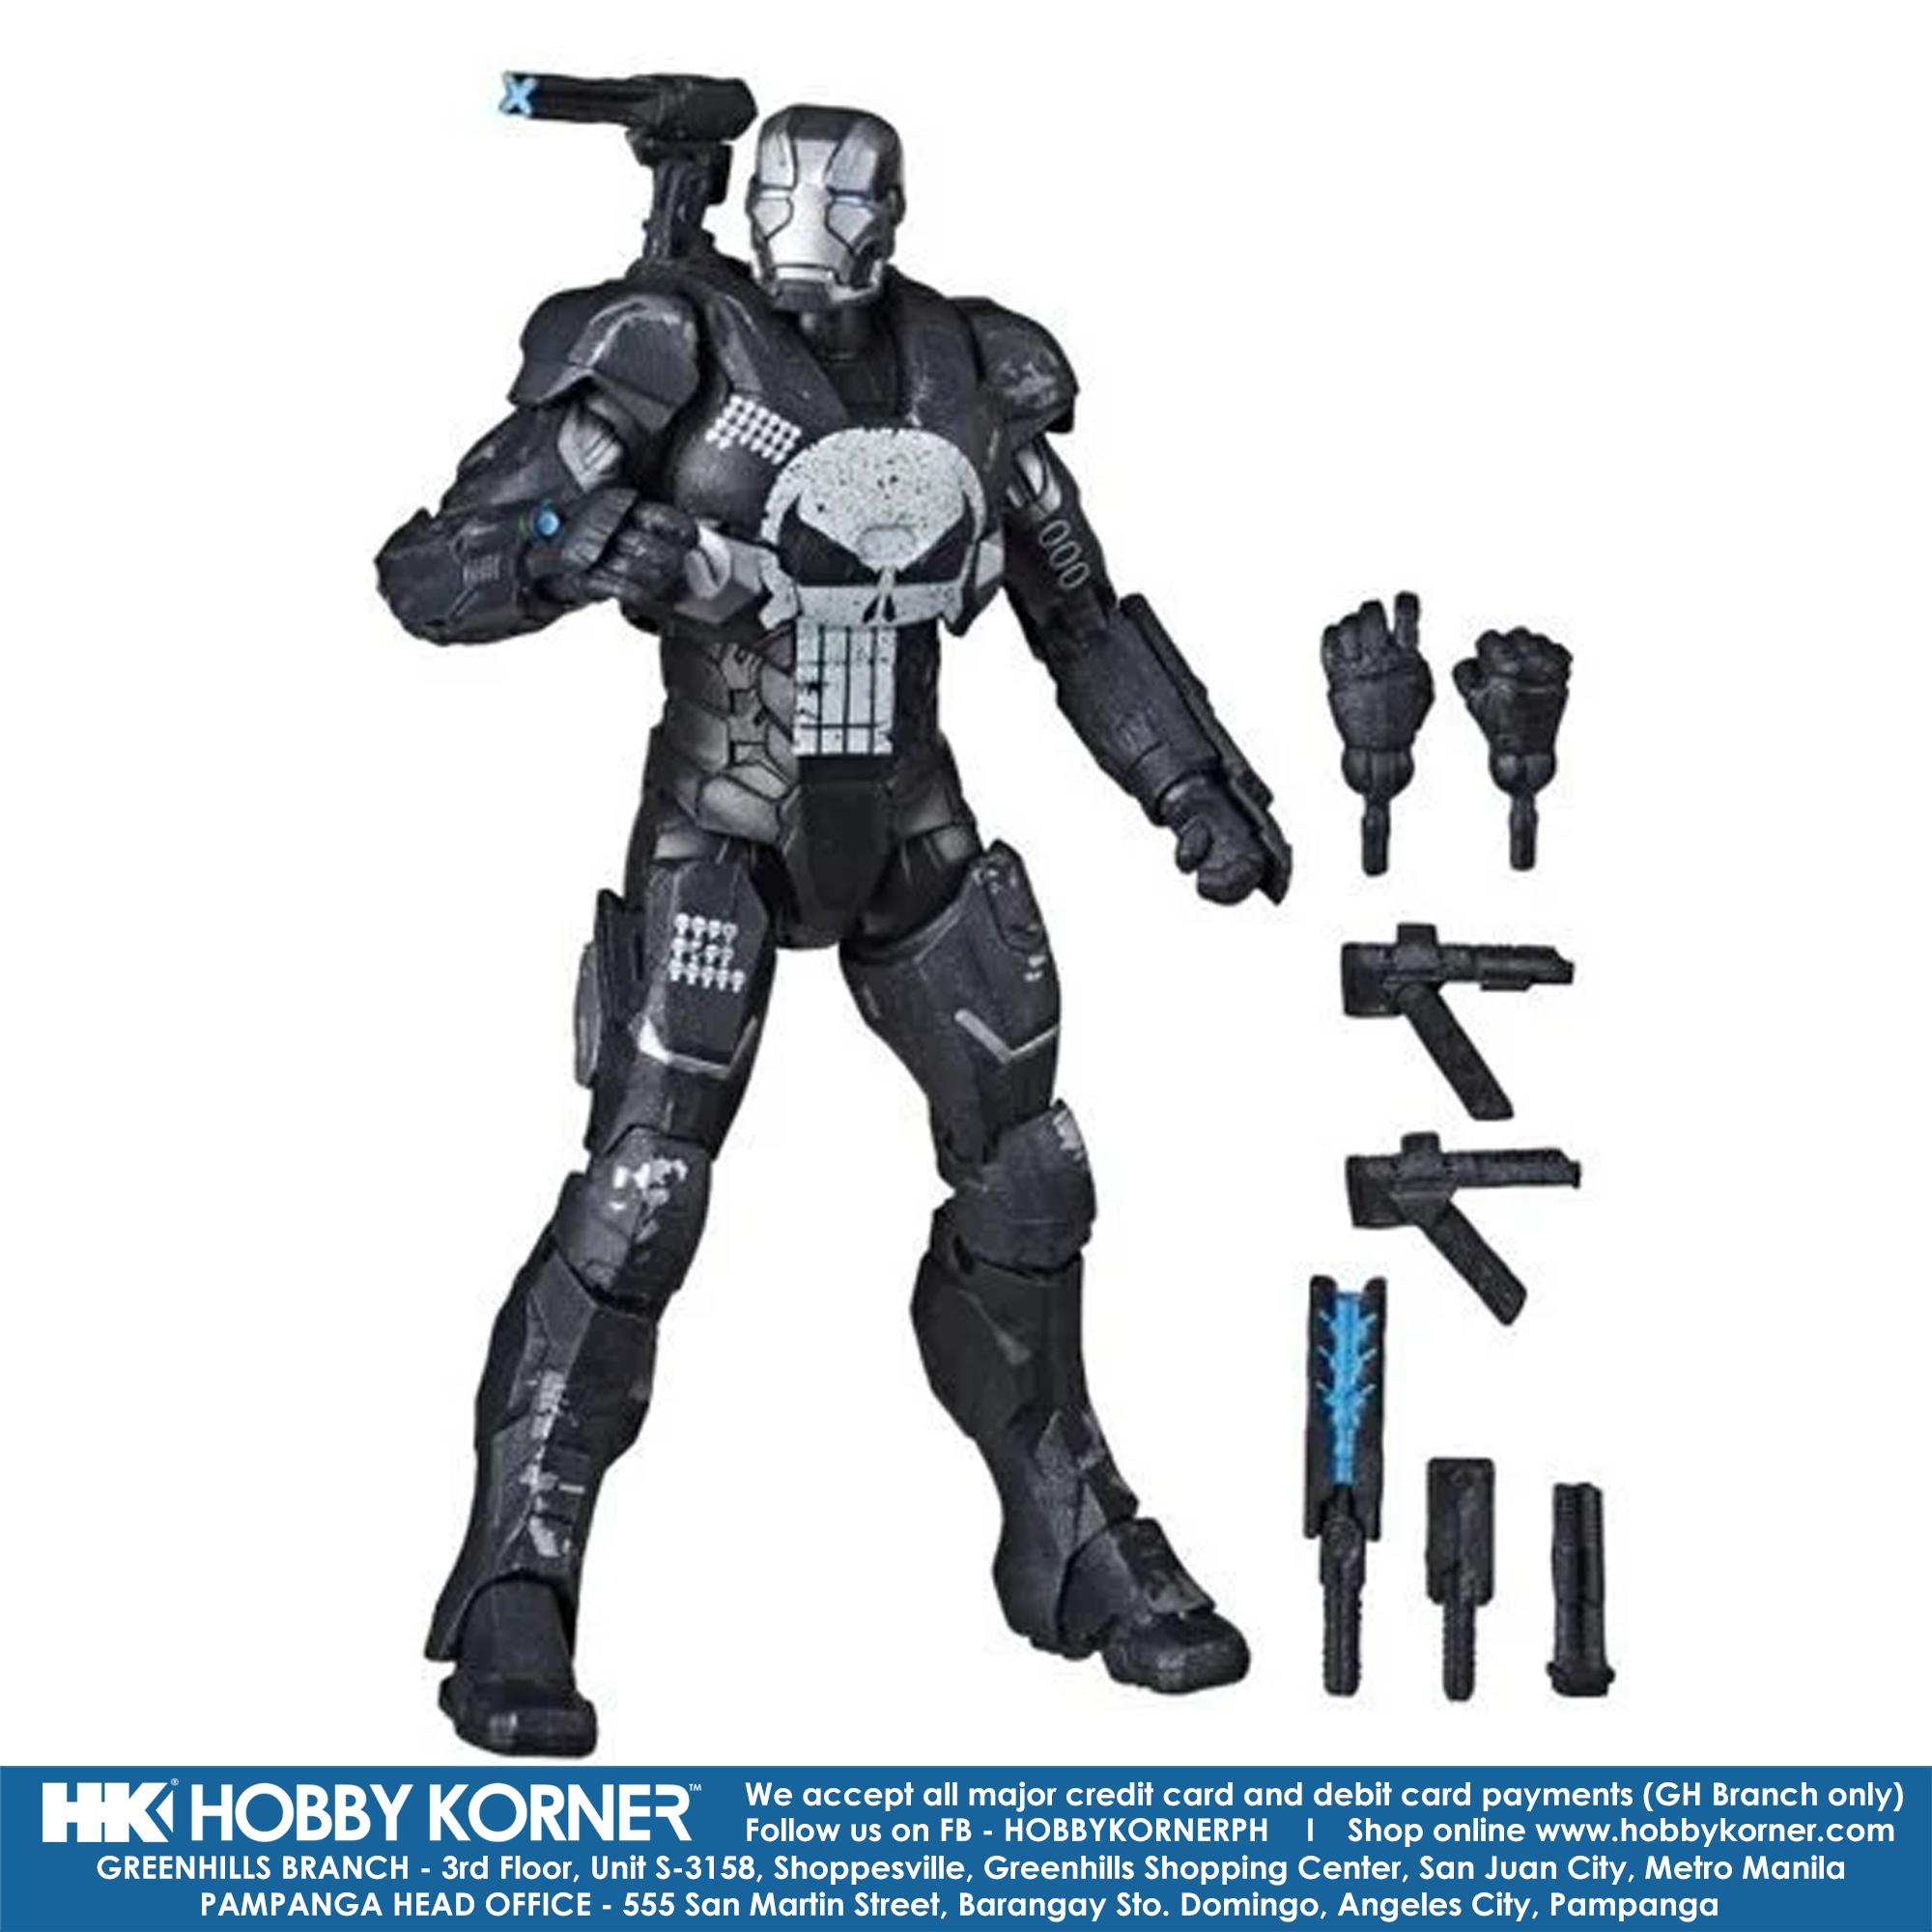 Hasbro Marvel Legends WAR MACHINE Deluxe Figure IN HAND 6 Inch